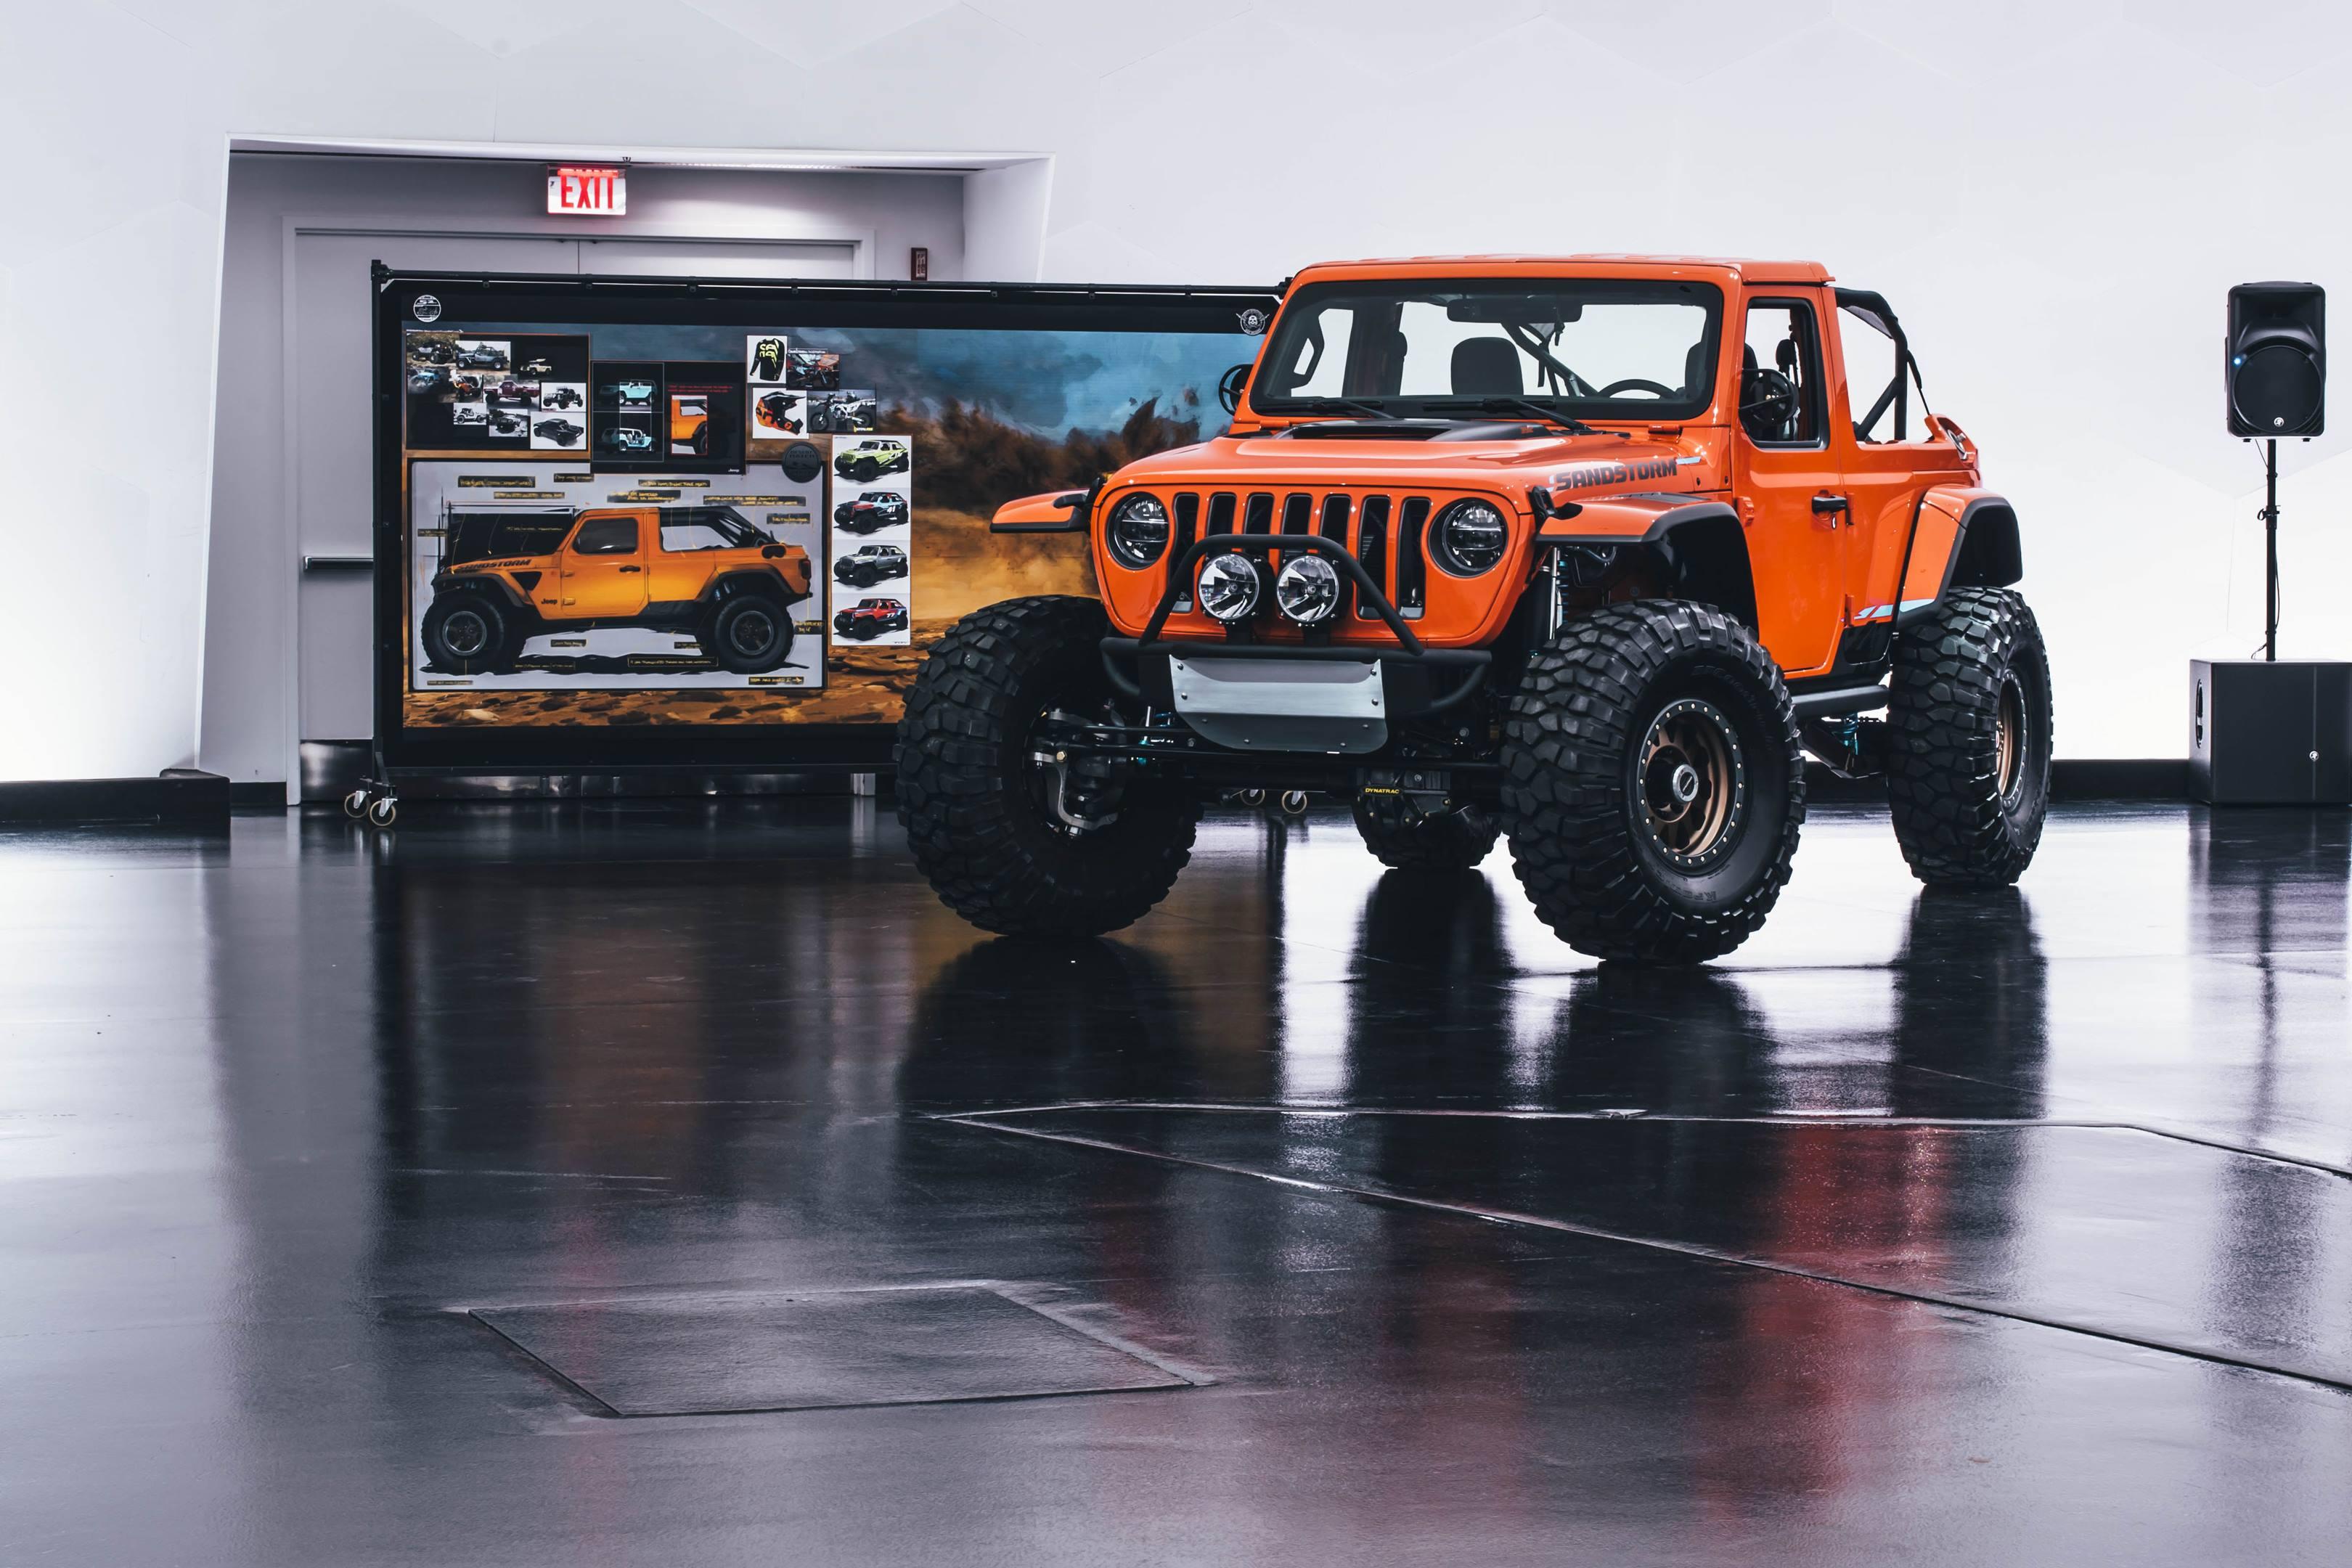 2018 Jeep Nacho Concept